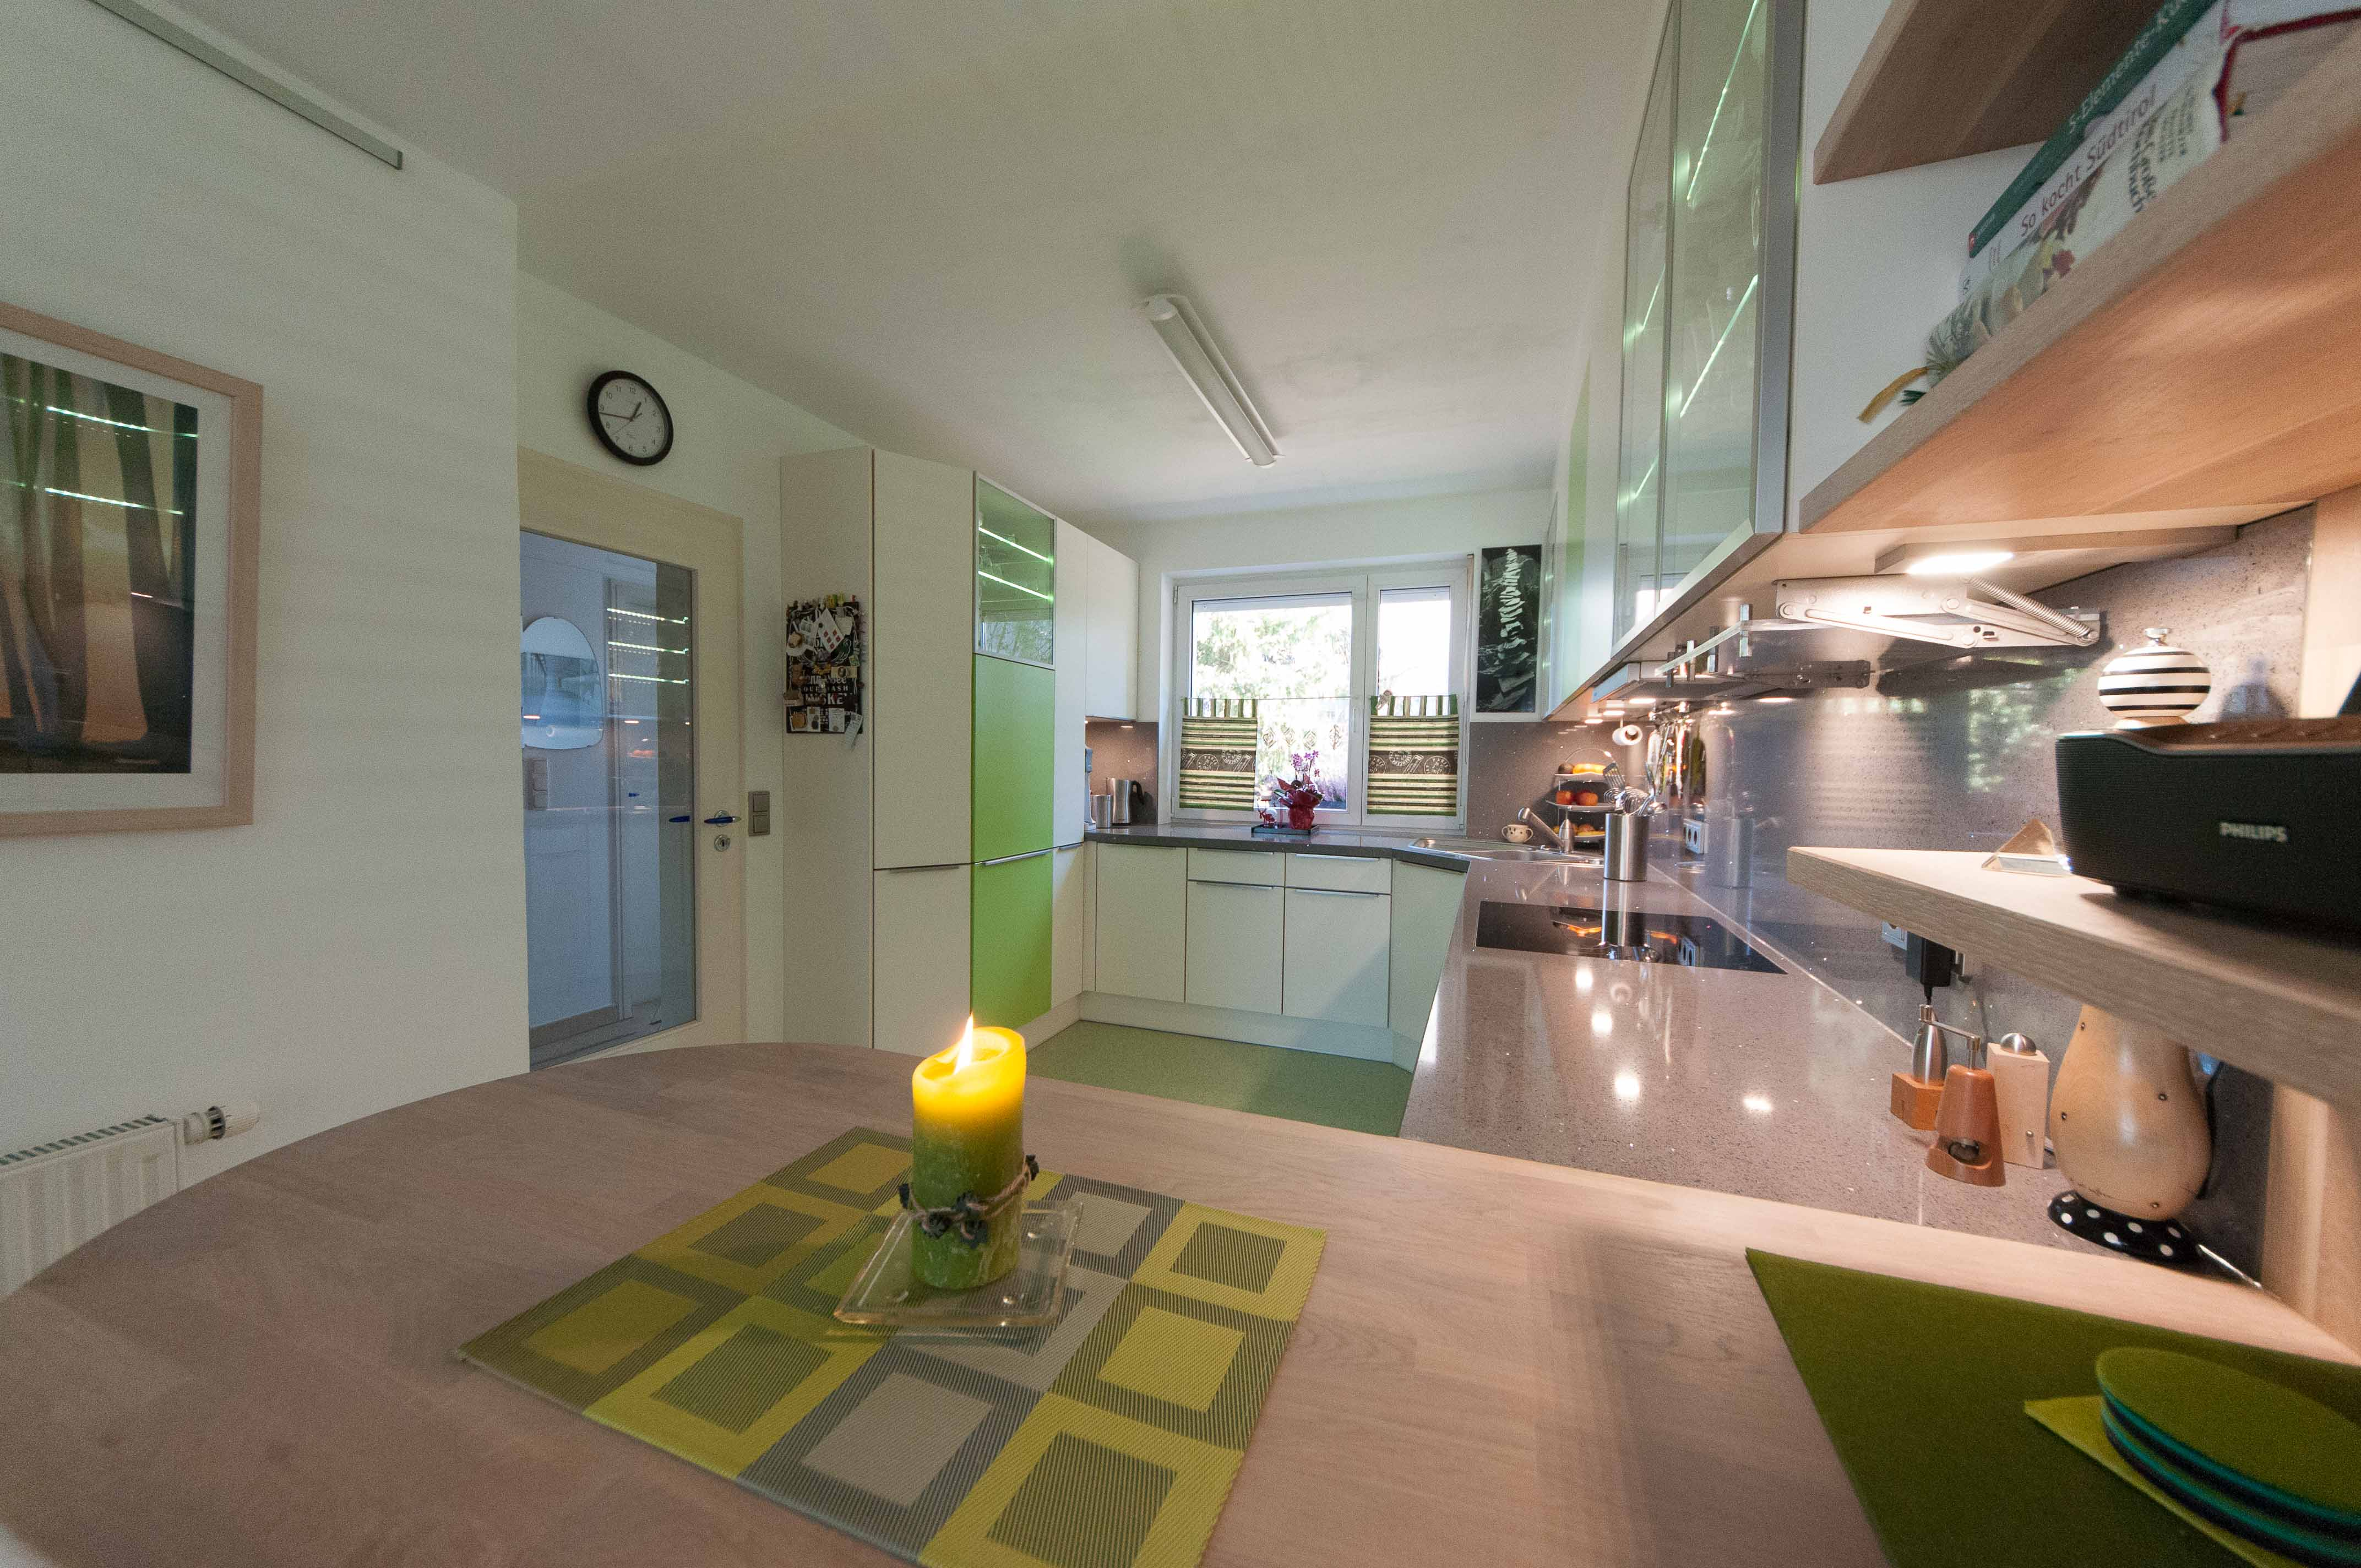 Ansicht auf eine Hochglanz Arbeitsplatte und matten Küchenfronten